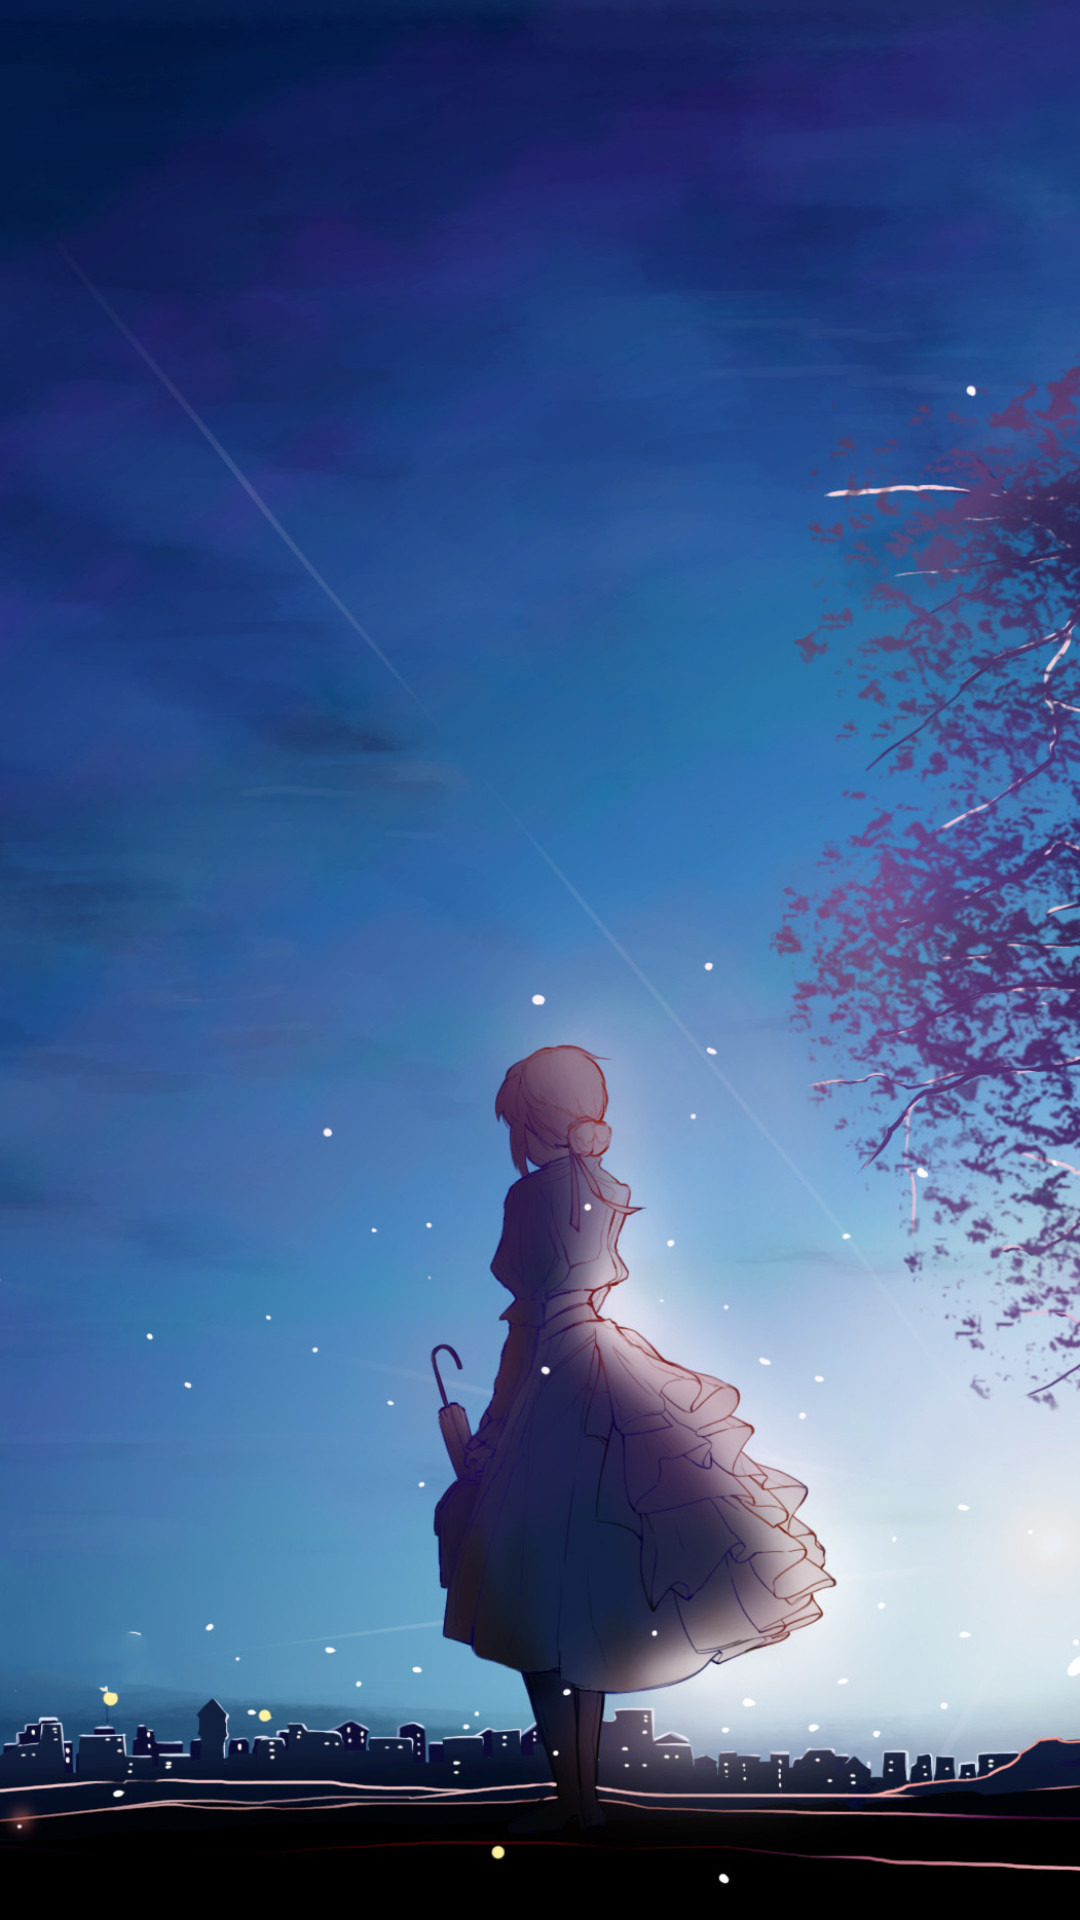 Wallpaper Violet Evergarden, Anime Girl